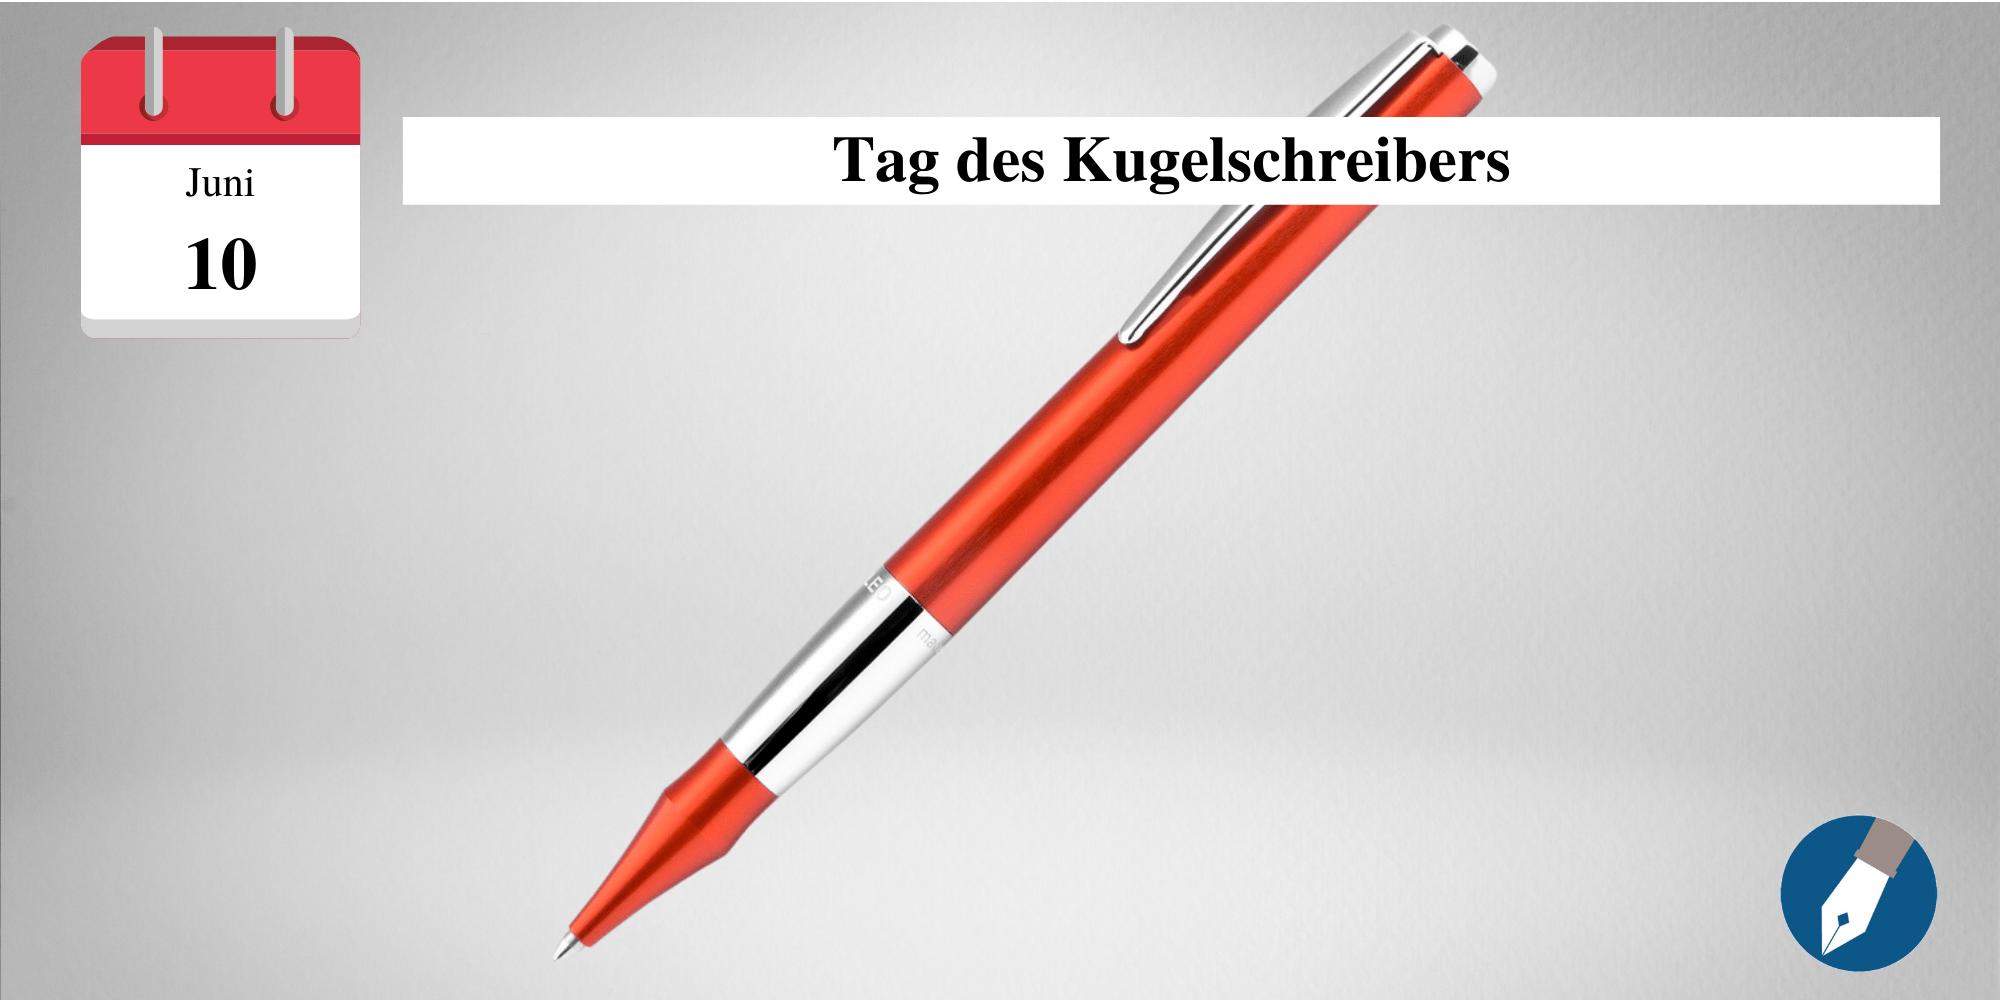 Der Tag des Kugelschreibers erinnert an die Eintragung des US-Patents.